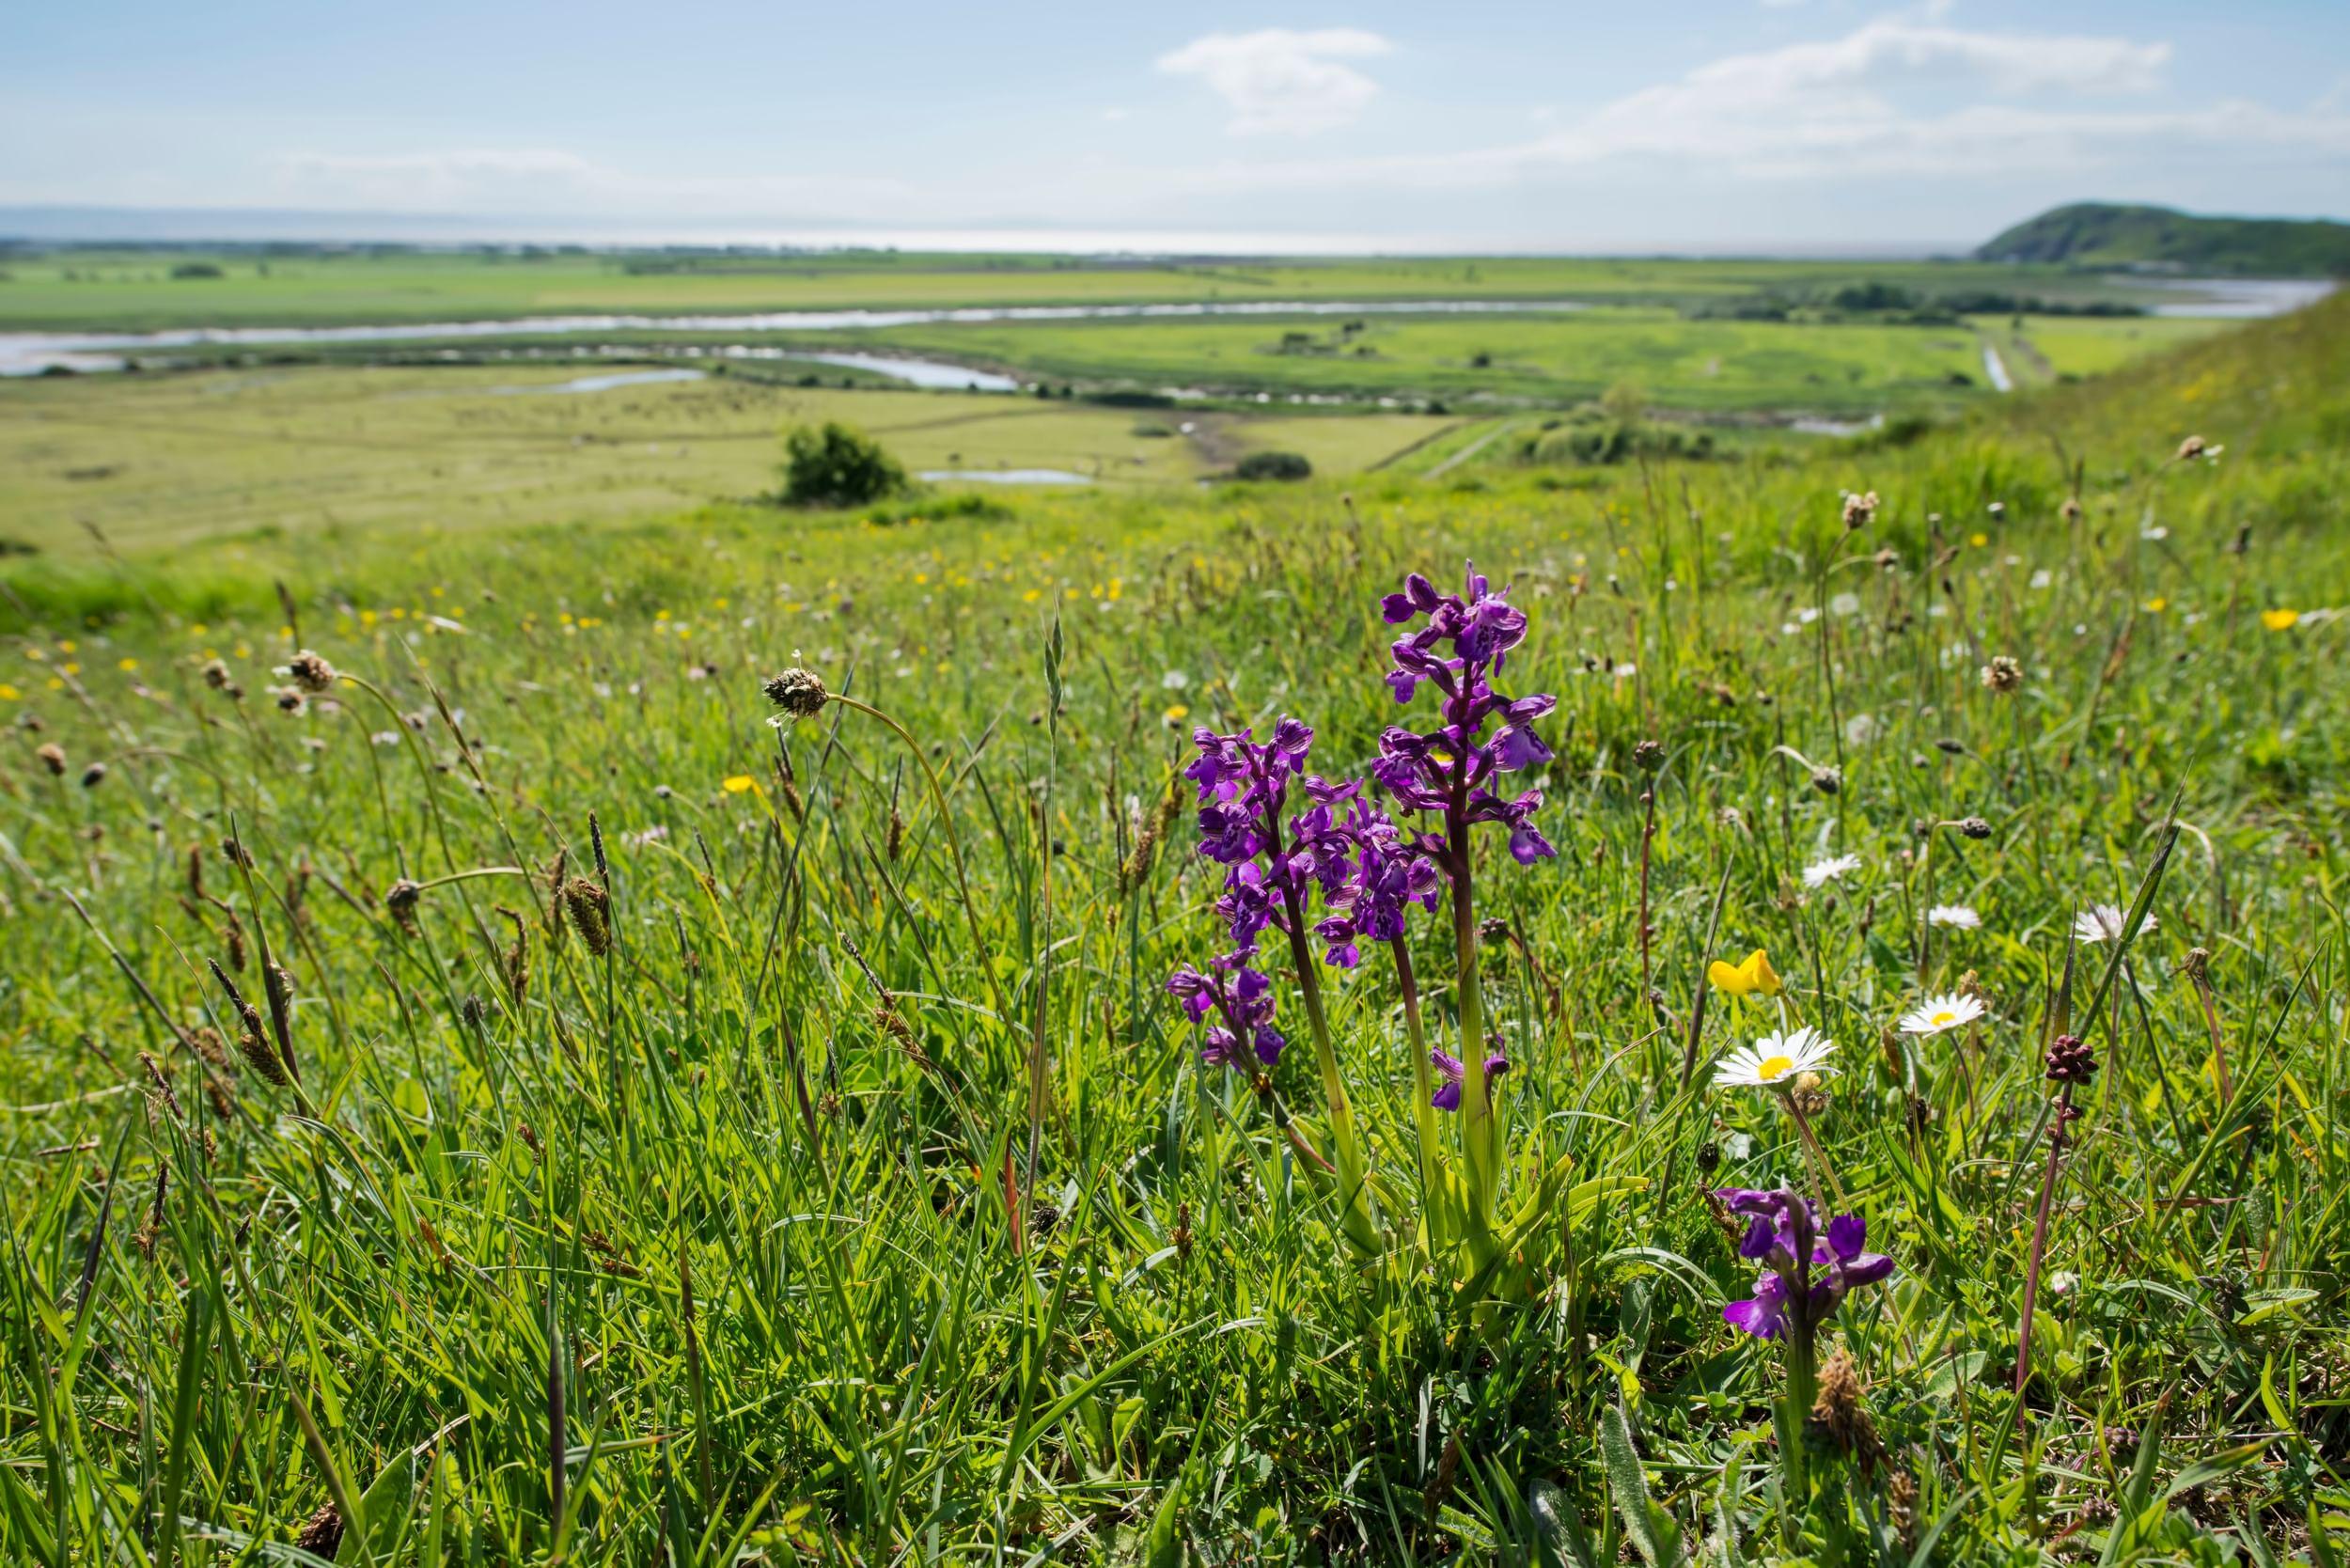 Purple flowers in a meadow